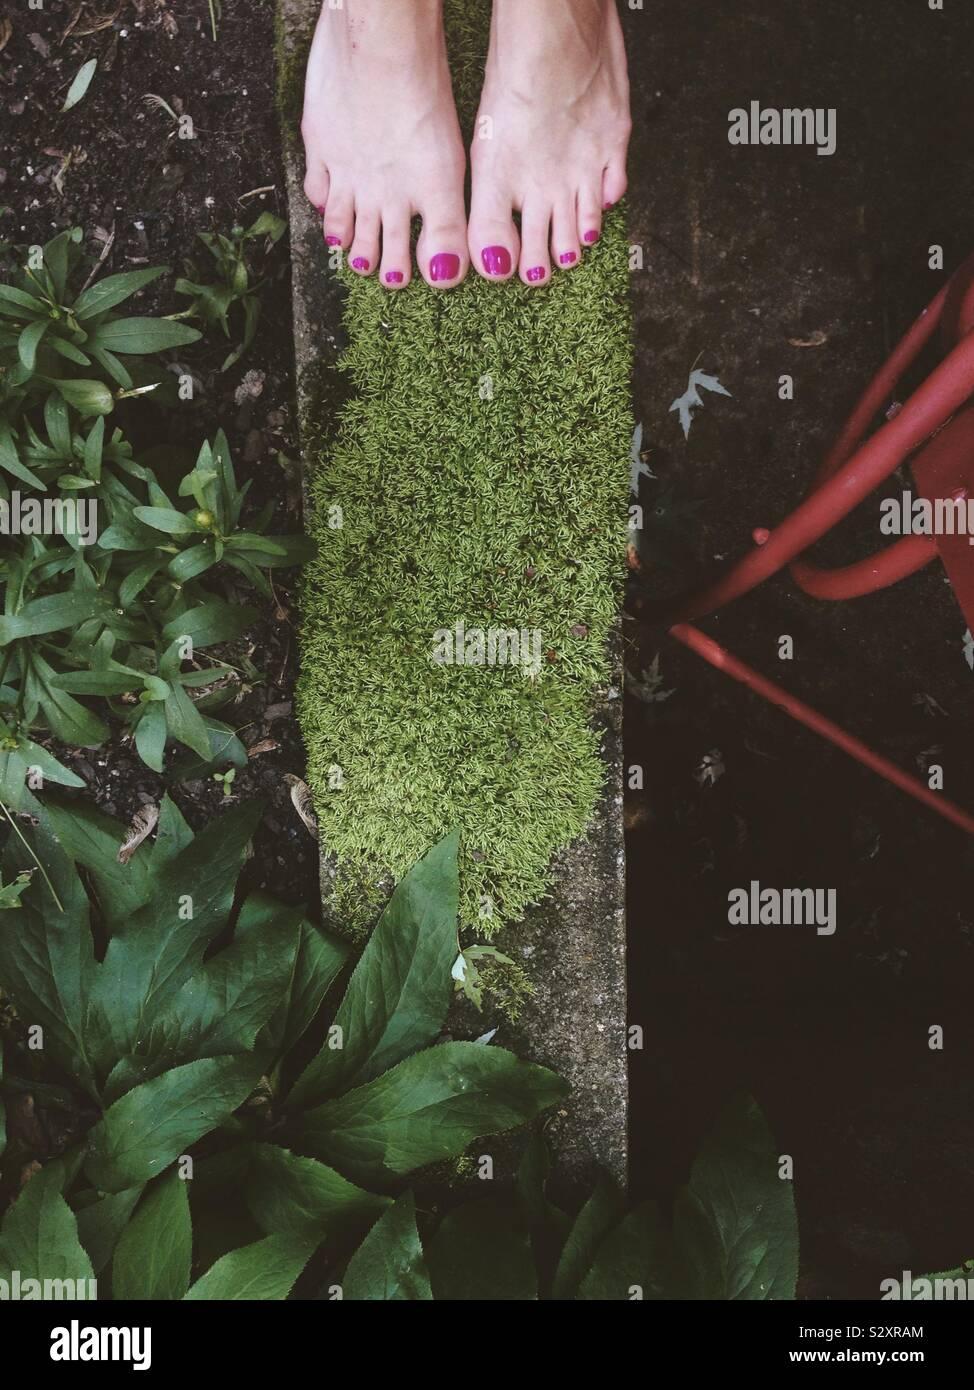 Mädchen stehen auf einem Bemoosten Zinder-block, den Teiler in einem Garten. Stockfoto